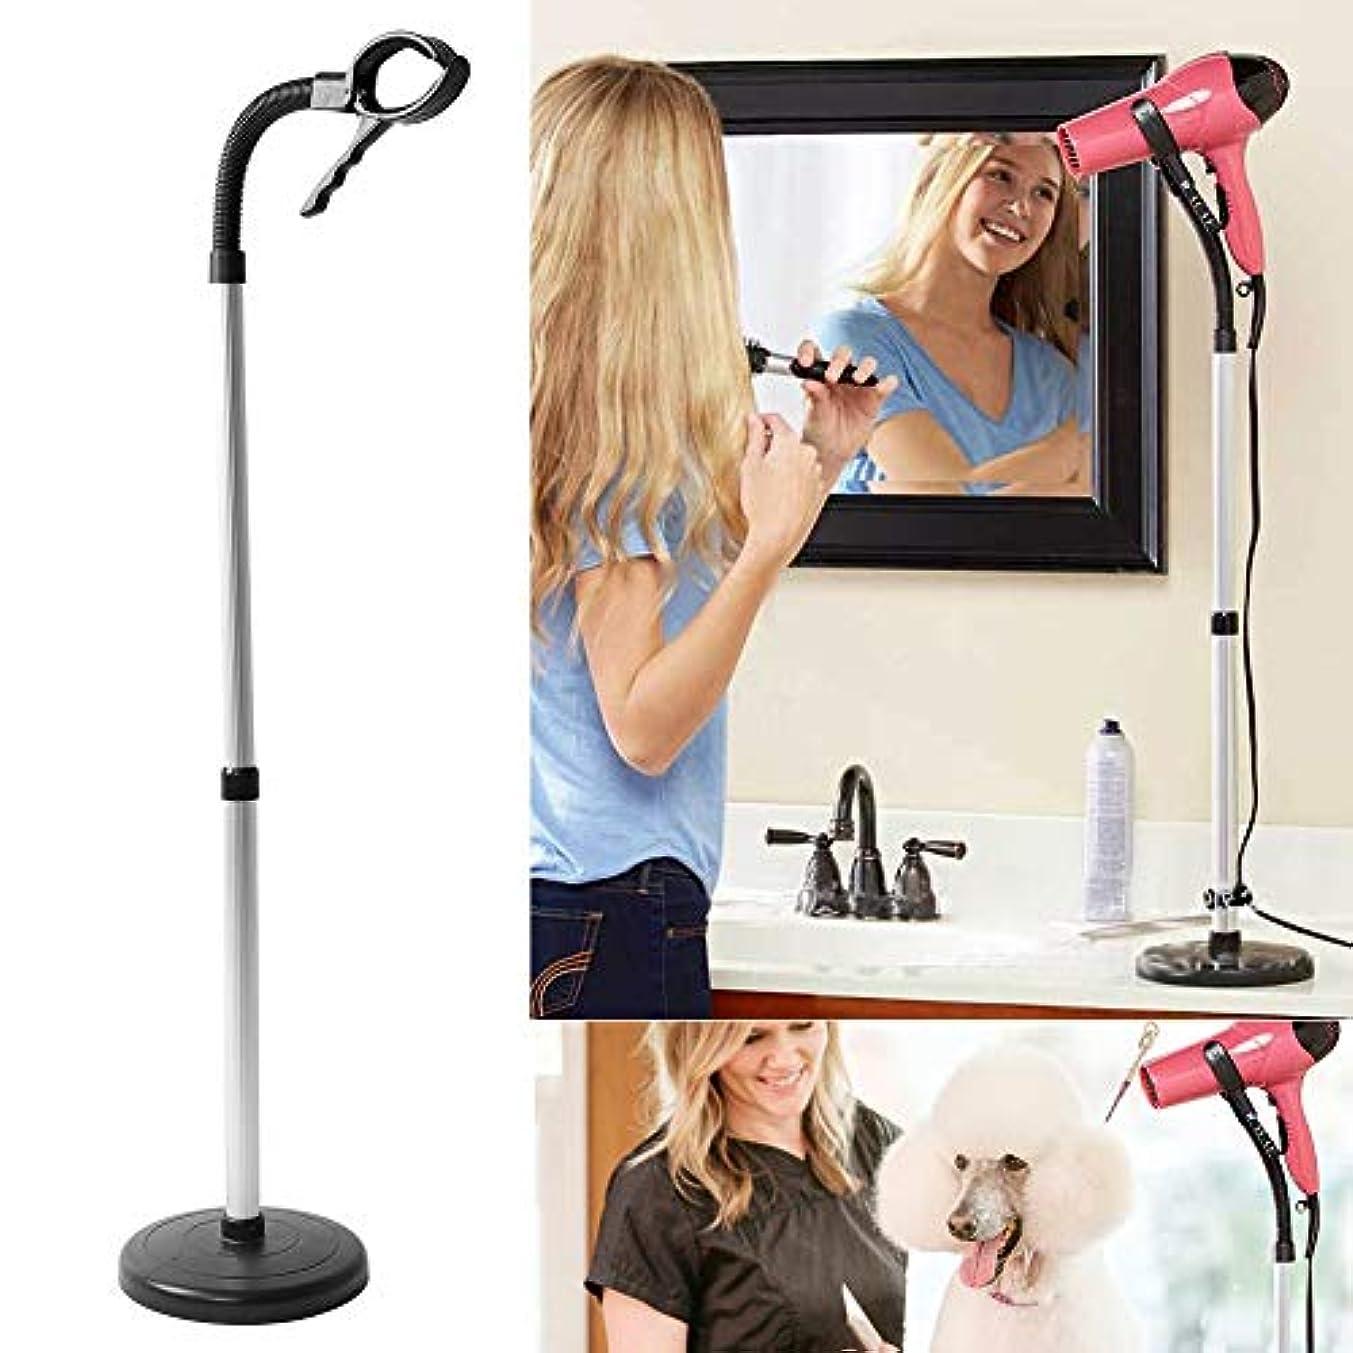 不要顔料床を掃除するBlow Dryer Stand,feelingood Hair Dryer Stand Hands Free, Hair Dryer Holder 360 Degrees Rotation, Adjustable Height Hair Dryer Holder, Blow Dryer Holder on Countertop Floor